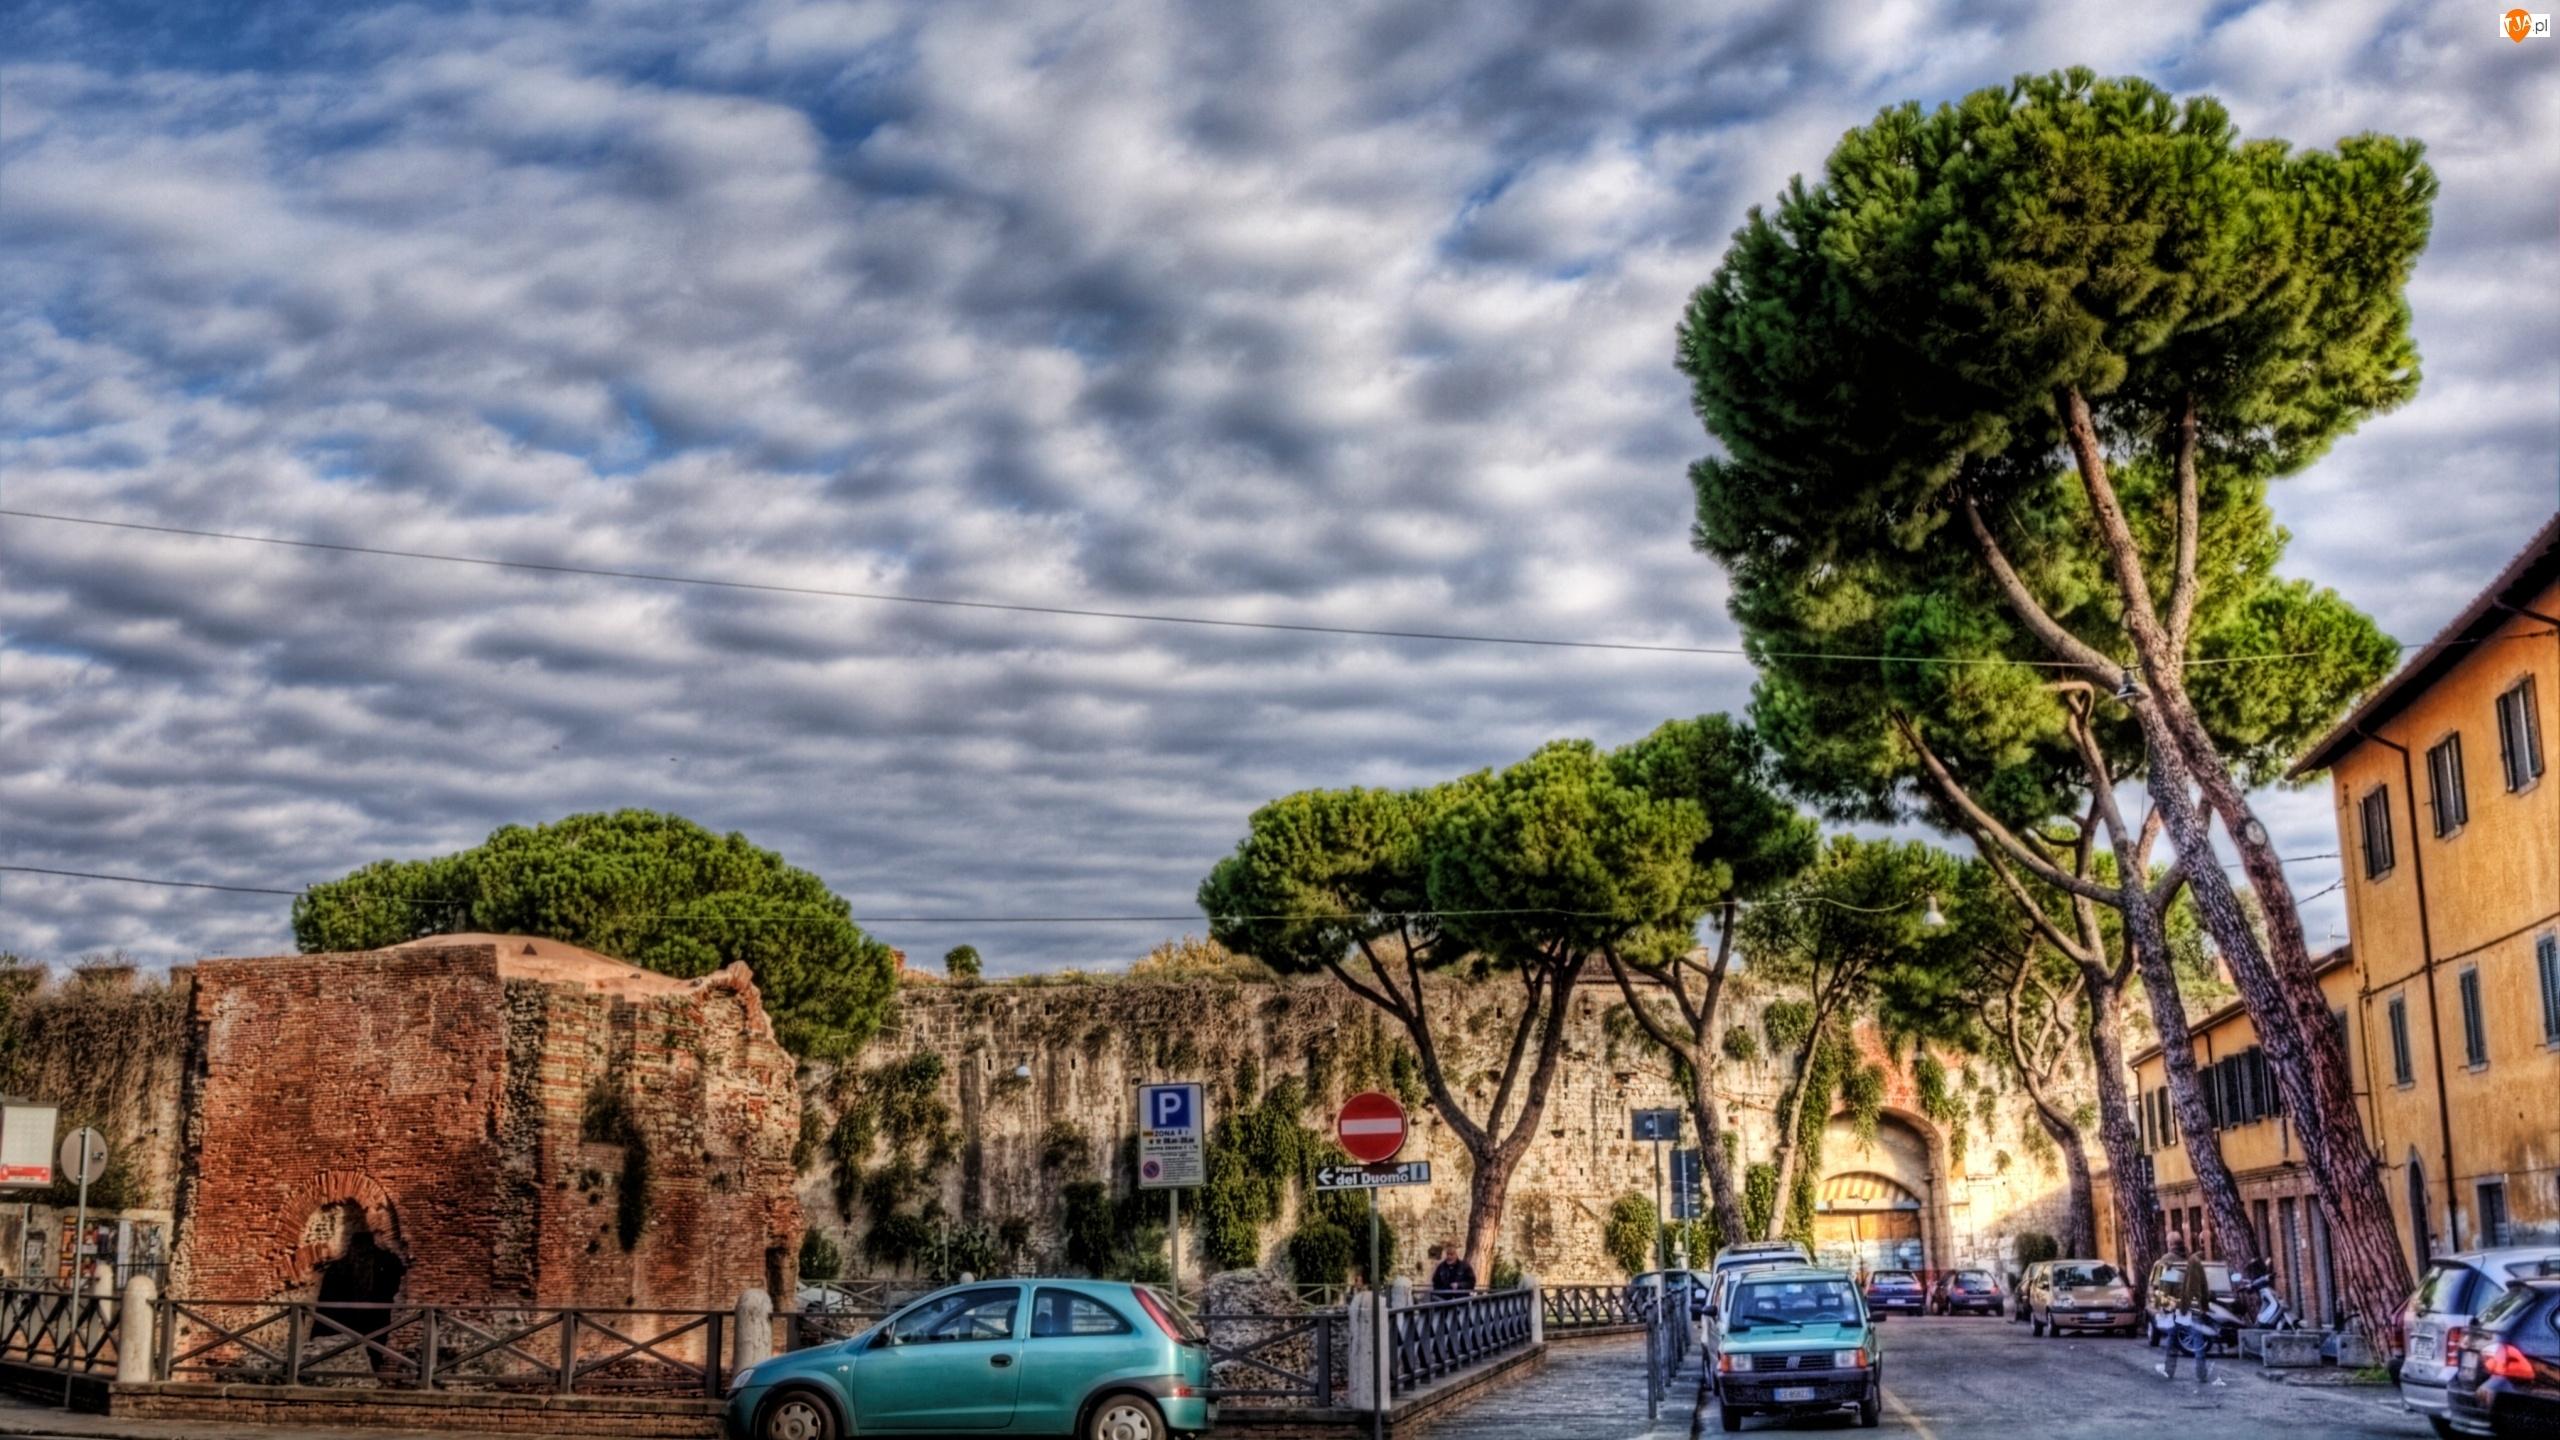 Samochody, Włochy, Domy, Piza, Drzewa